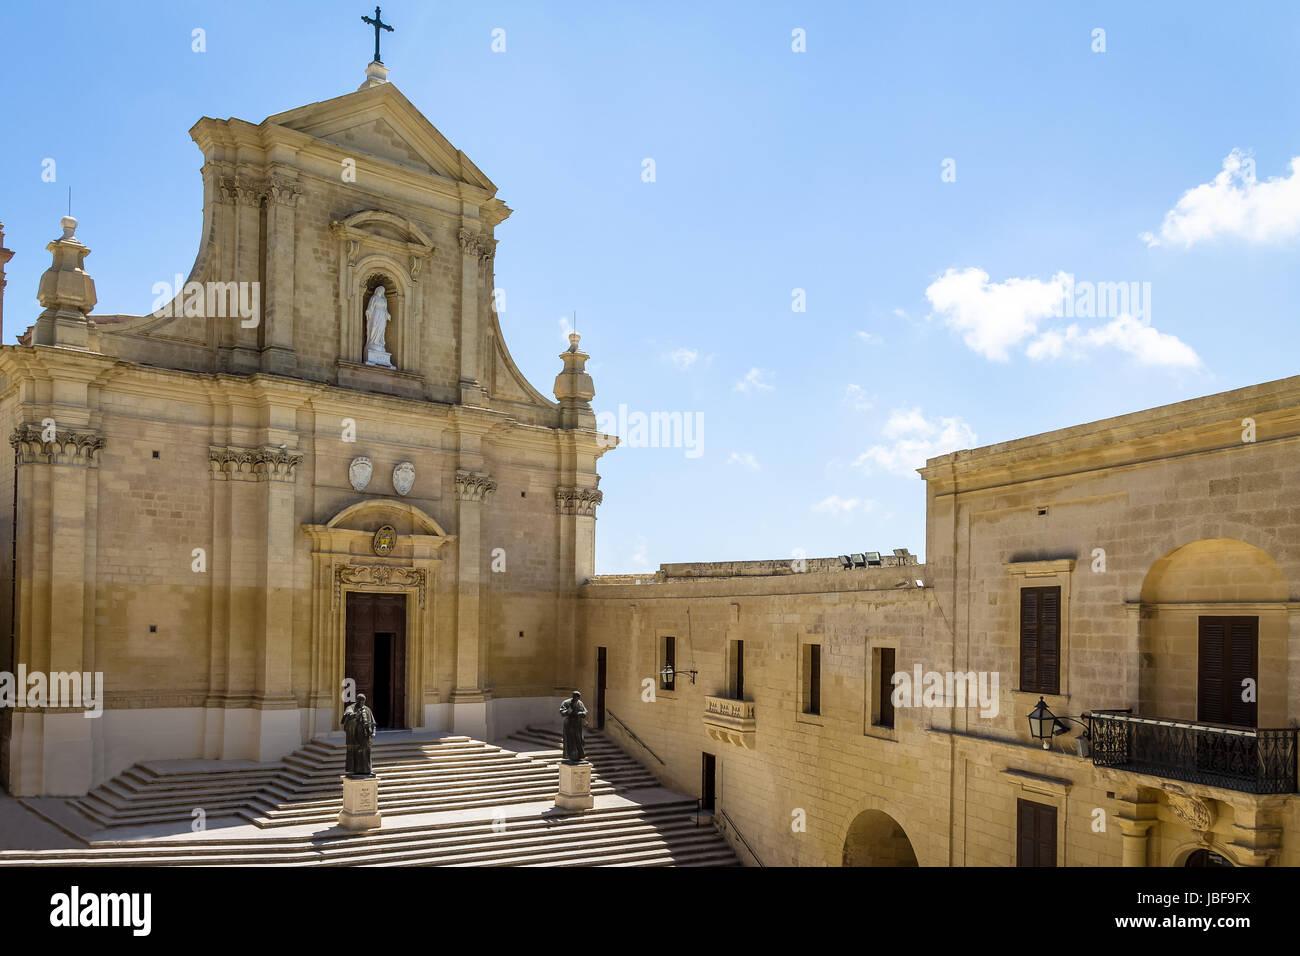 La Cattedrale di Gozo all'interno della Cittadella di Victoria (ex Rabat) - Victoria, Gozo, Malta Immagini Stock